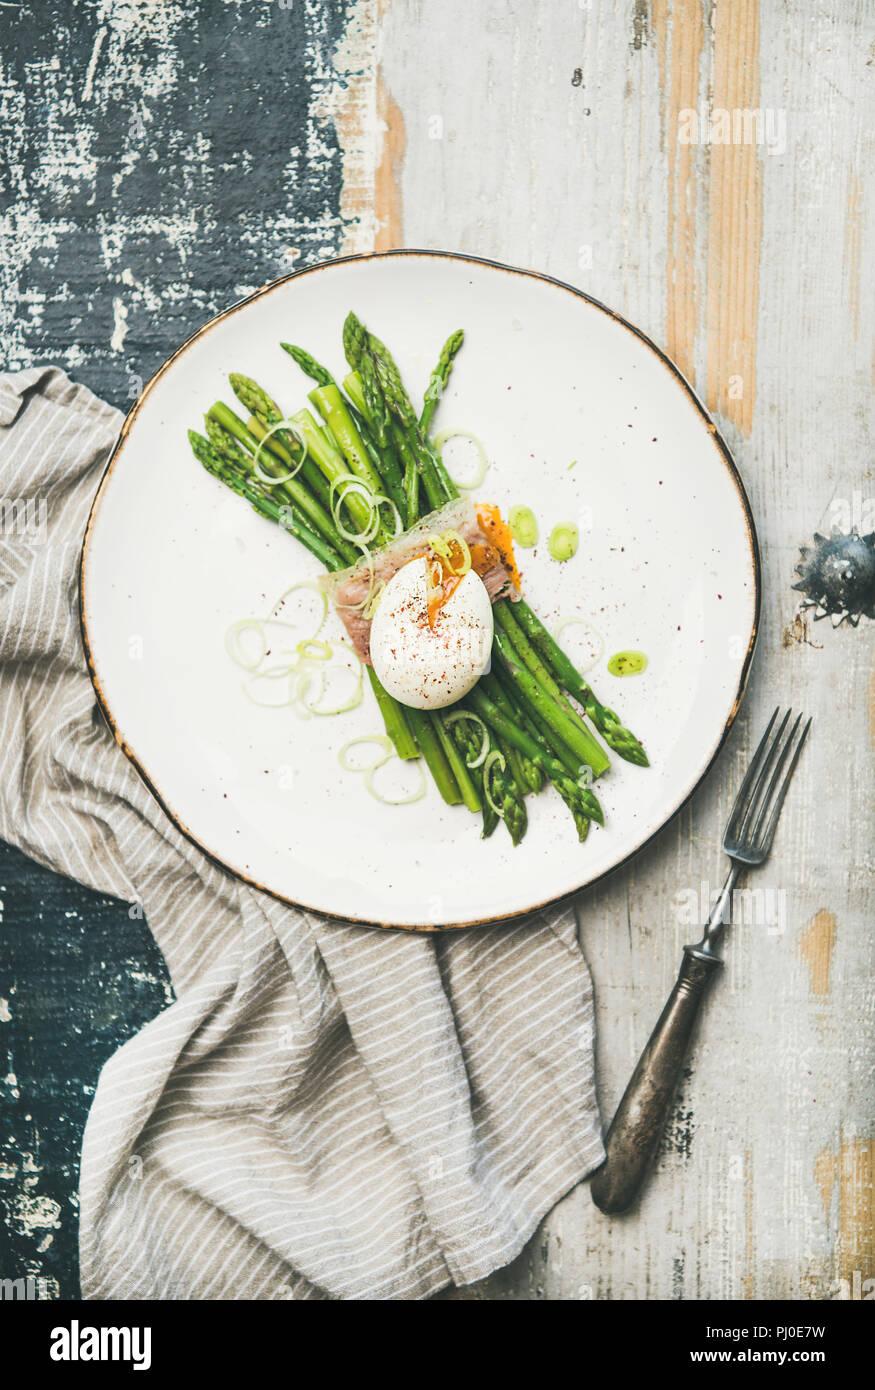 Desayuno saludable con espárragos verdes, huevo blando , bacon Imagen De Stock